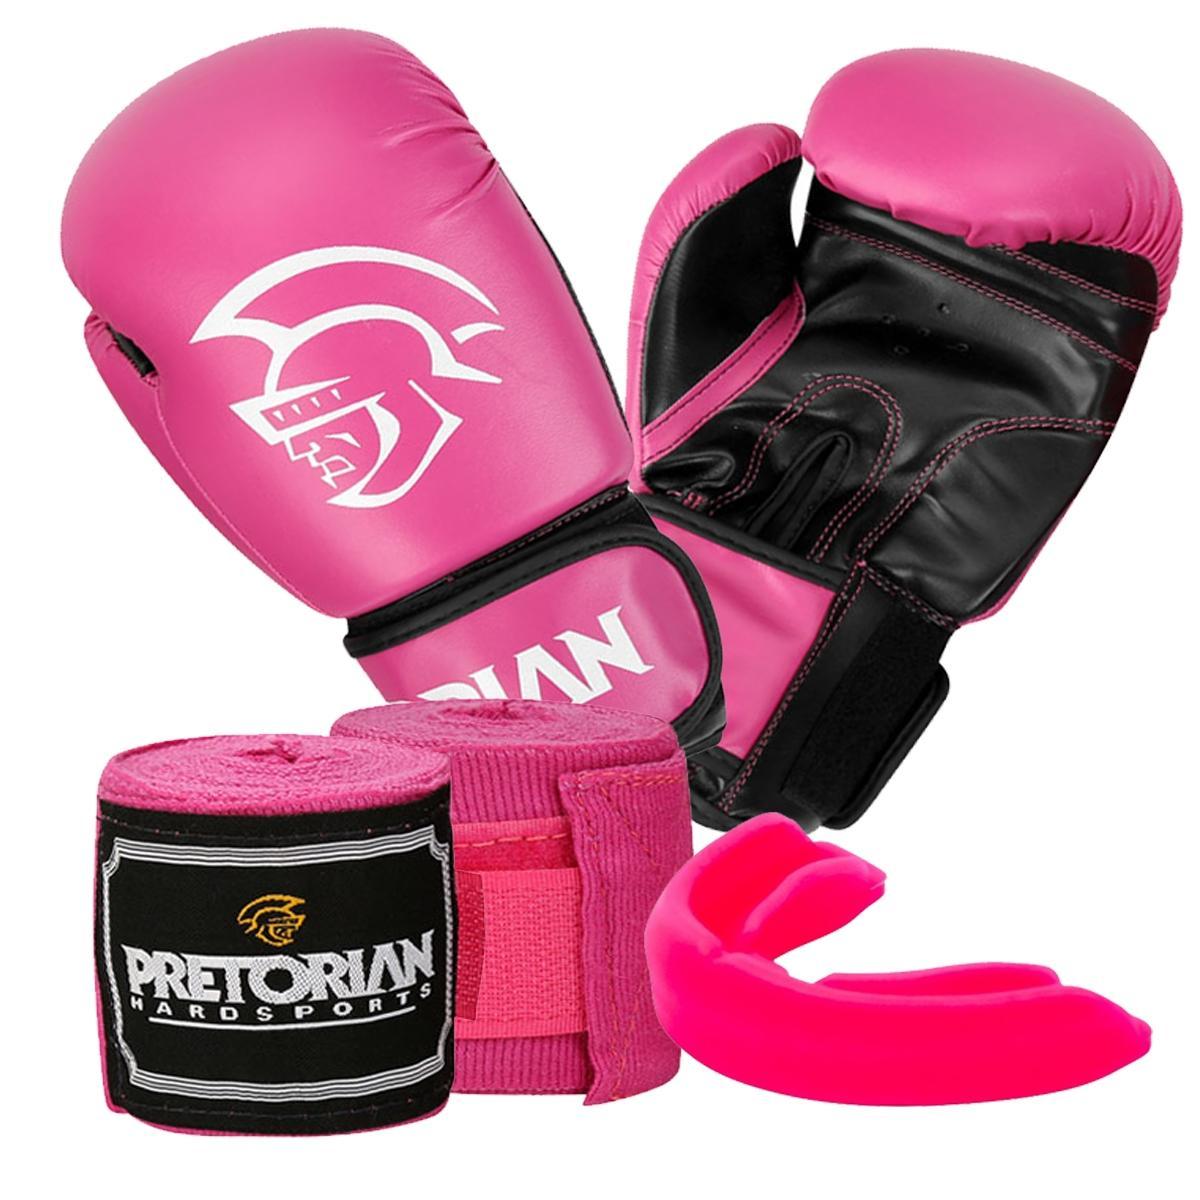 a2b50ea70 Kit boxe muay thai first pretorian bucal + bandagem + luva 10 oz -  Pretorian fight